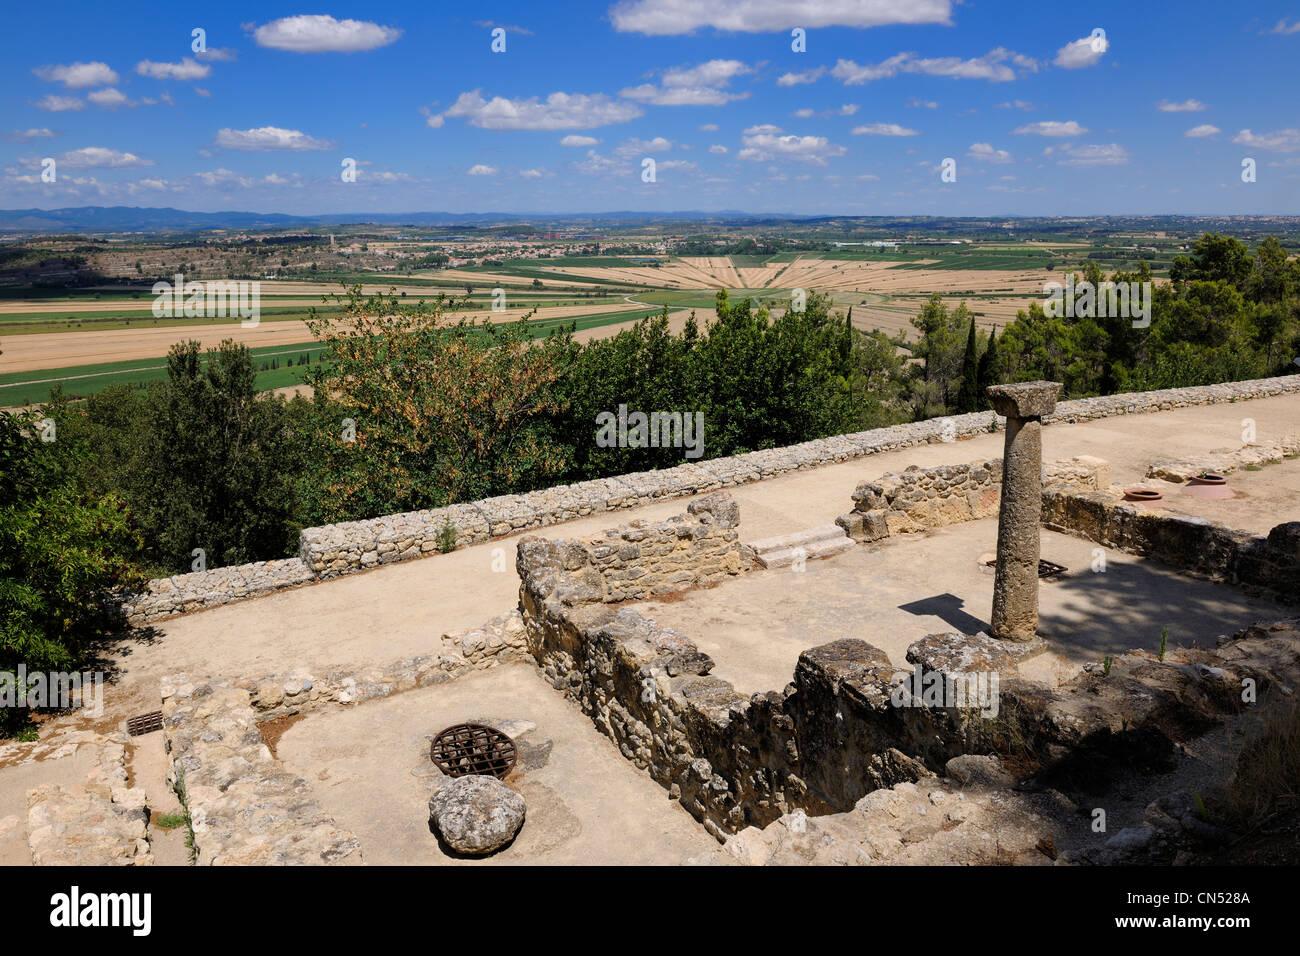 la france l 39 h rault nissan lez enserune l 39 oppidum d 39 ens rune est un ancien hill town entre le. Black Bedroom Furniture Sets. Home Design Ideas